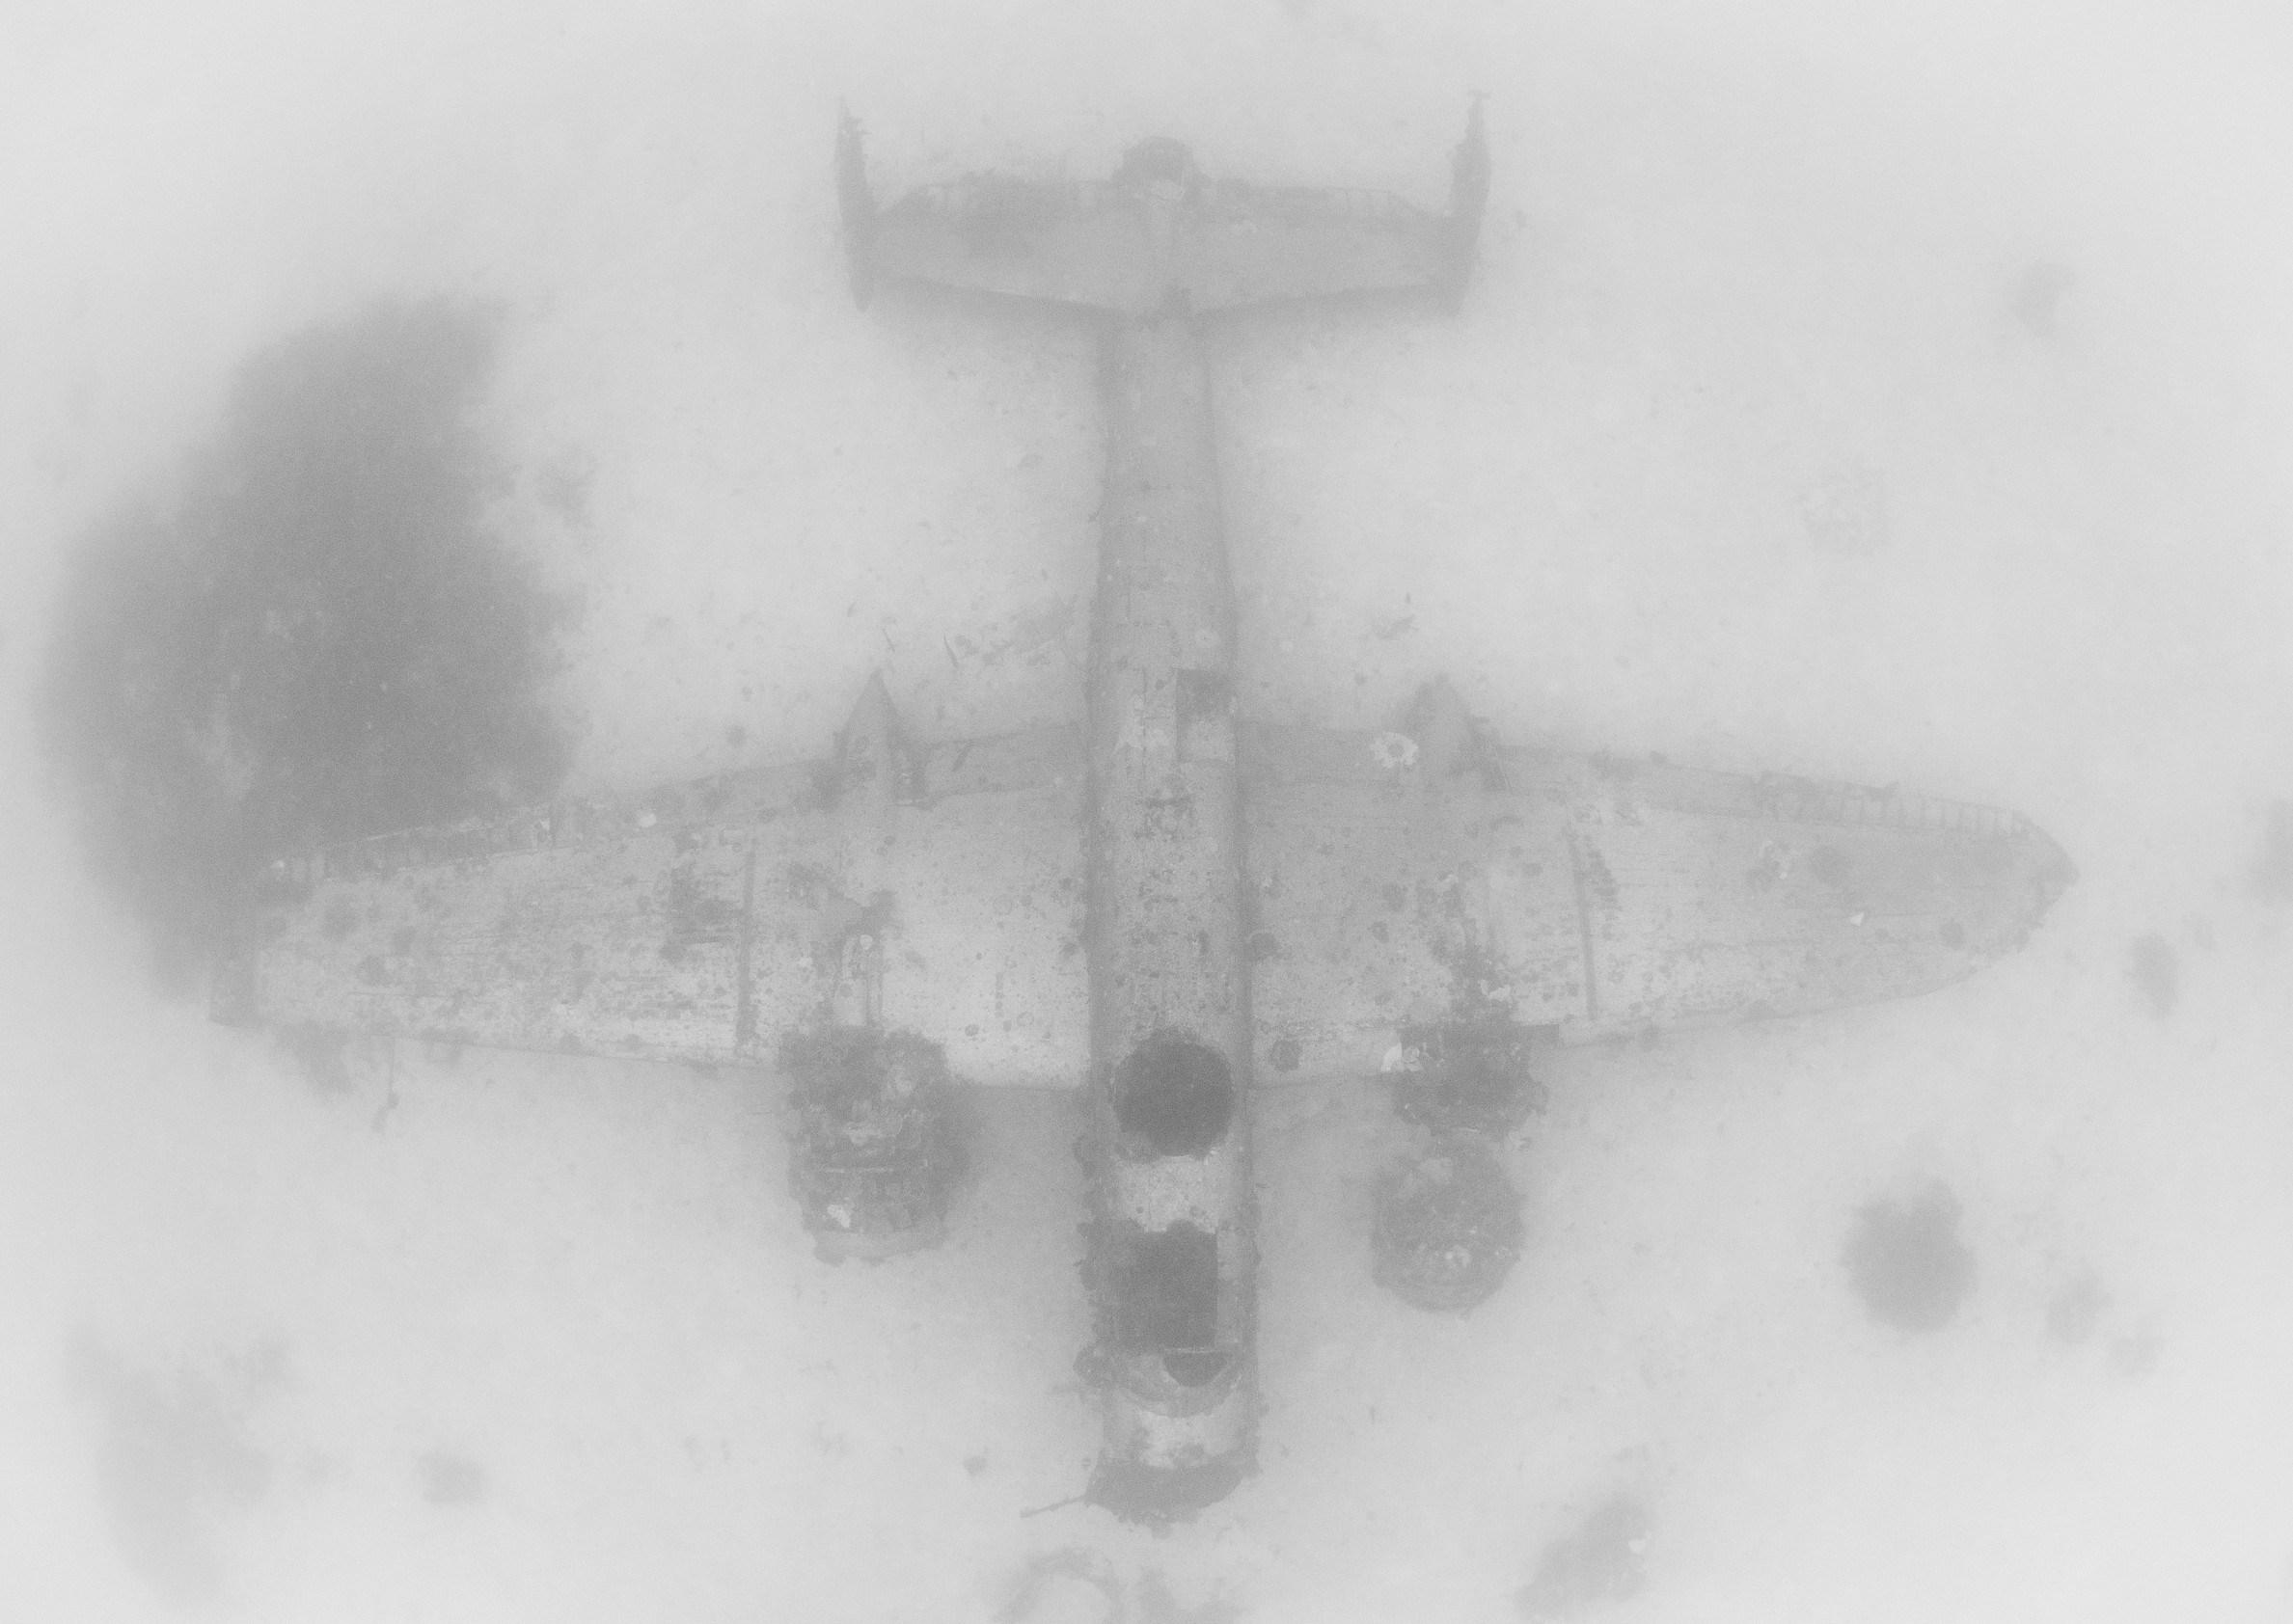 DSC8770